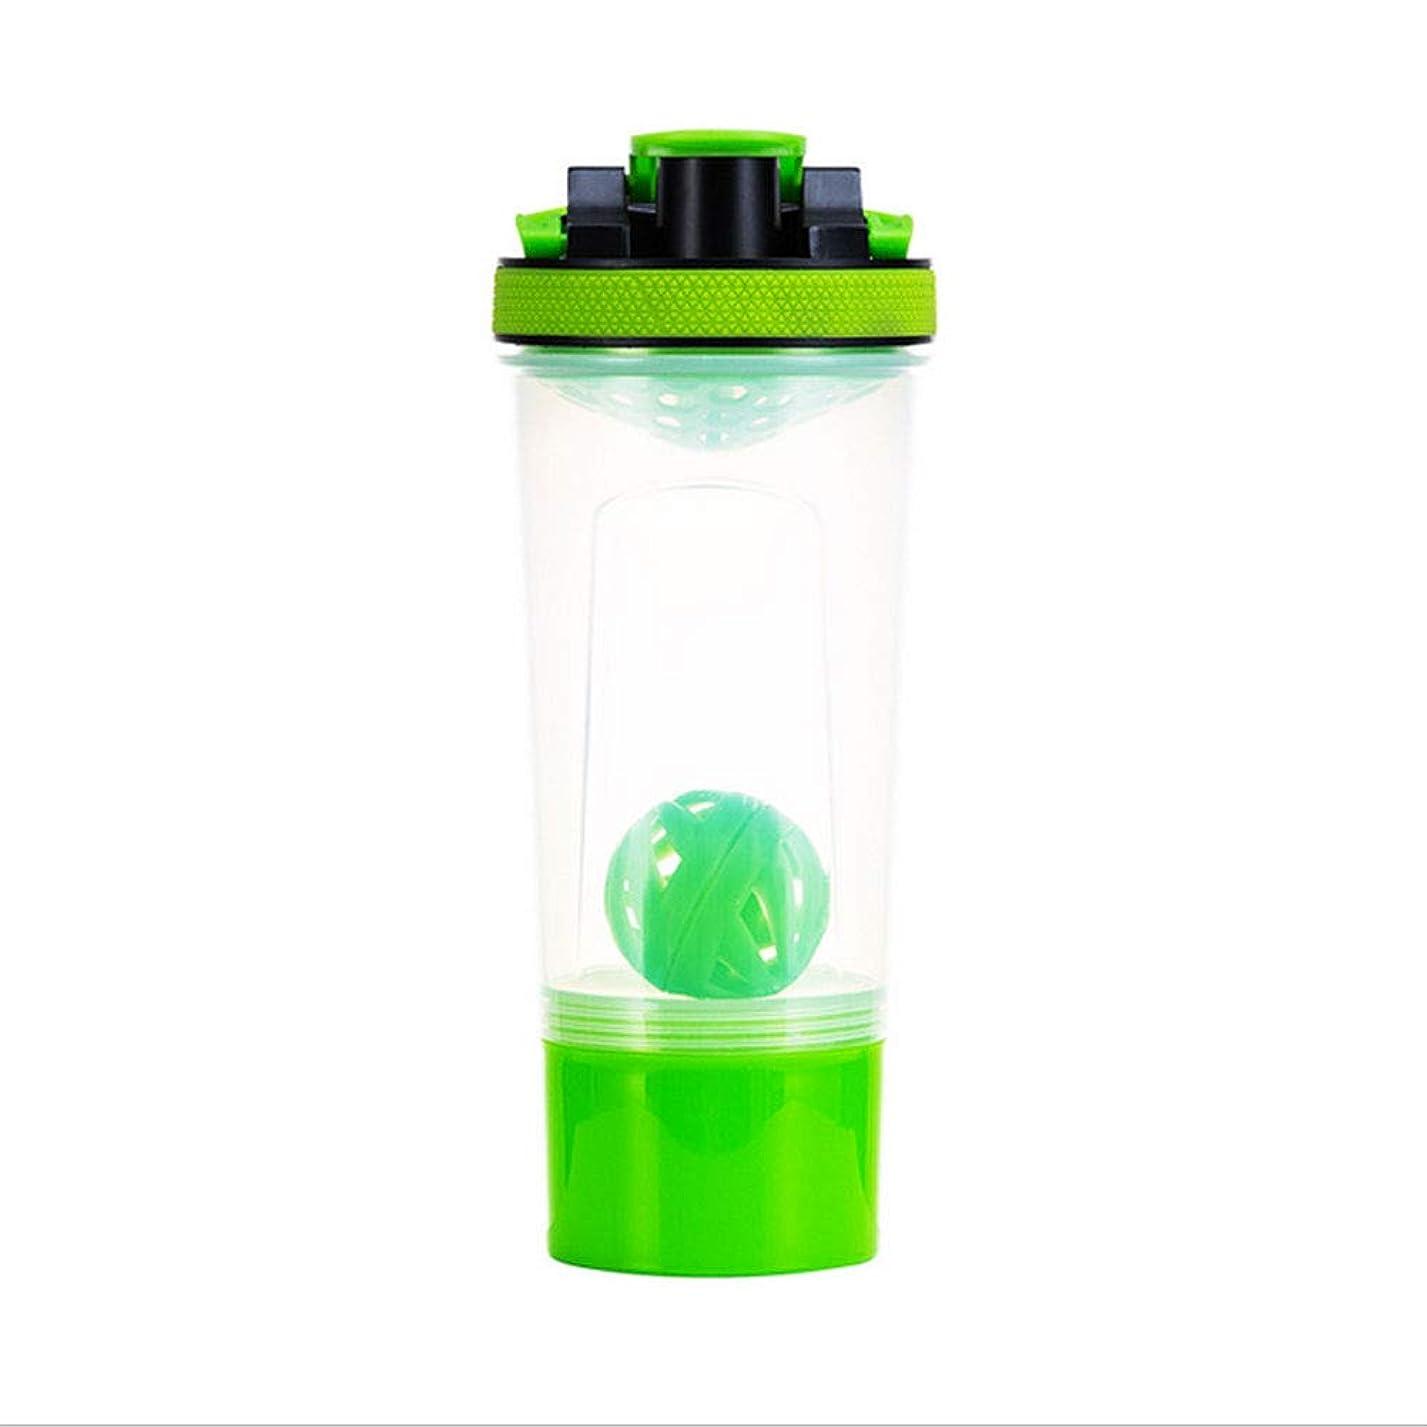 対応するケニアインデックスQuner プロテインシェイカー ボトル 水筒 700ml シェーカーボトル スポーツボトル 目盛り 3層 プラスチック フィットネス ダイエット コンテナ付き サプリケース